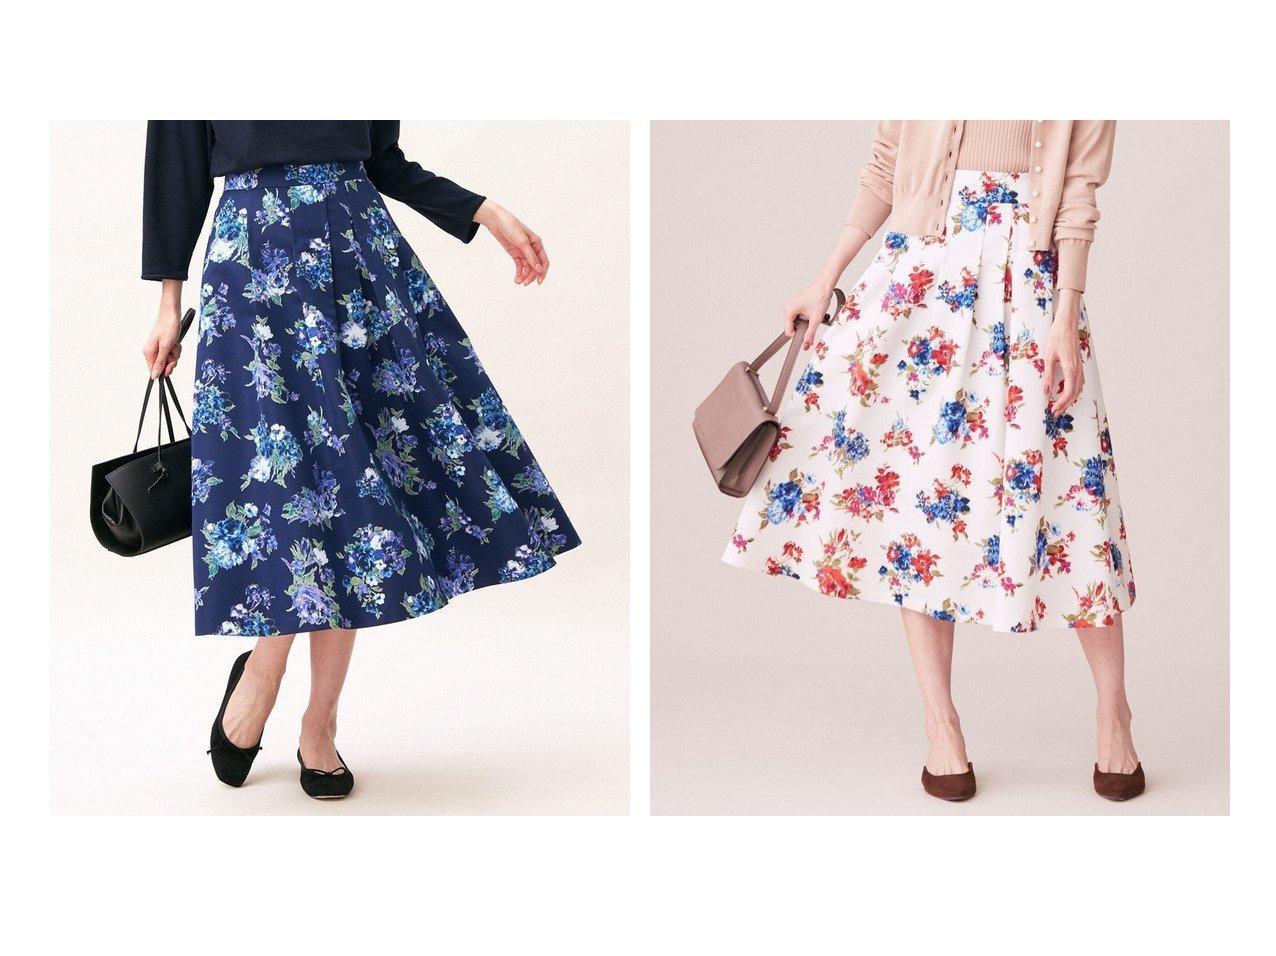 【KUMIKYOKU/組曲】のブーケフラワープリント ランダムタック スカート 【スカート】おすすめ!人気、トレンド・レディースファッションの通販 おすすめで人気の流行・トレンド、ファッションの通販商品 インテリア・家具・メンズファッション・キッズファッション・レディースファッション・服の通販 founy(ファニー) https://founy.com/ ファッション Fashion レディースファッション WOMEN スカート Skirt ヴィンテージ 春 Spring クラシック グログラン 人気 フラワー フレア プリント モチーフ ランダム A/W・秋冬 AW・Autumn/Winter・FW・Fall-Winter 2021年 2021 S/S・春夏 SS・Spring/Summer 2021-2022秋冬・A/W AW・Autumn/Winter・FW・Fall-Winter・2021-2022 送料無料 Free Shipping 夏 Summer  ID:crp329100000065350